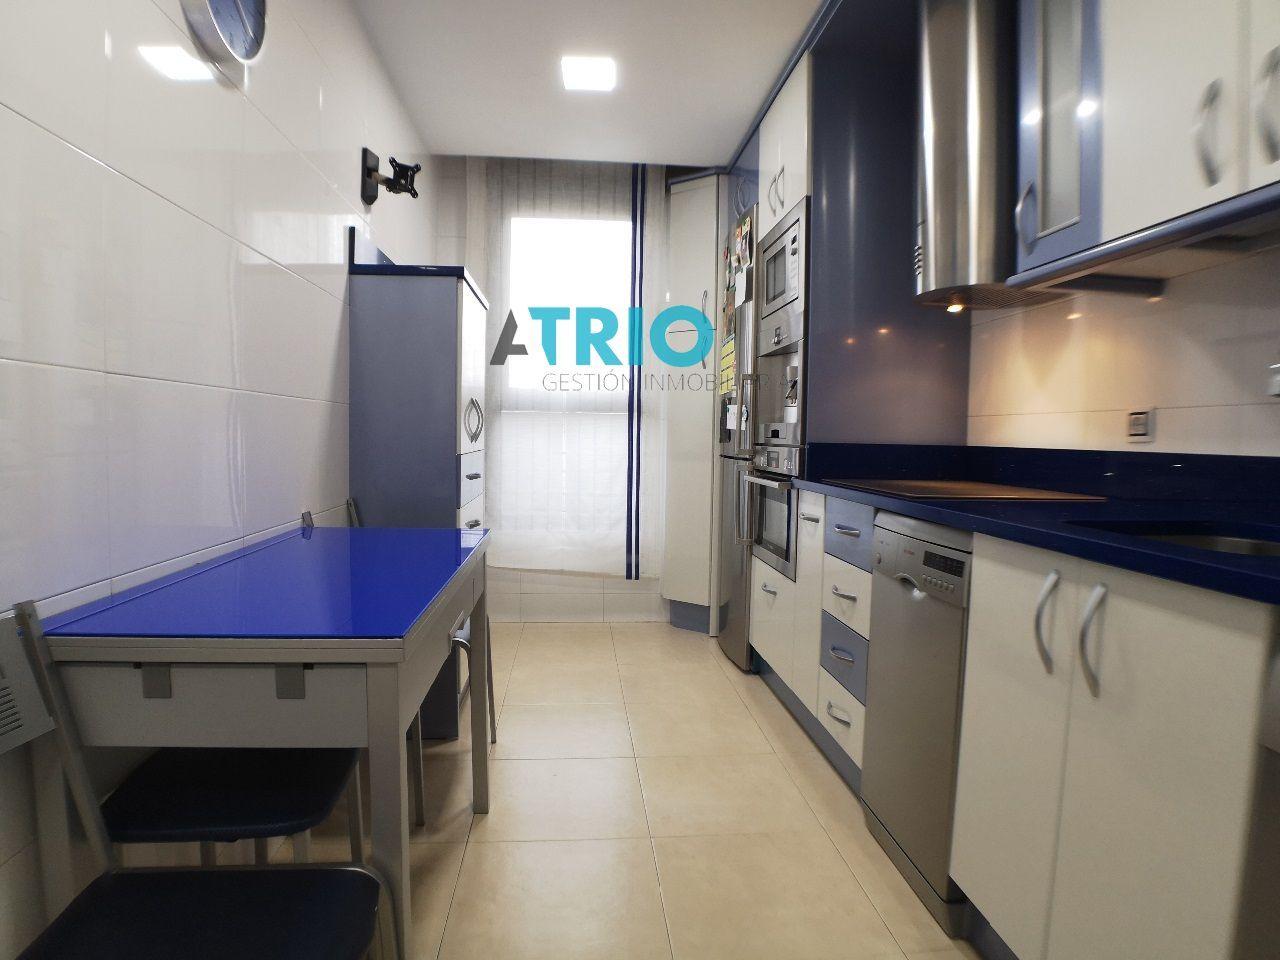 dia.mobiliagestion.es/Portals/inmoatrio/Images/6653/4216998